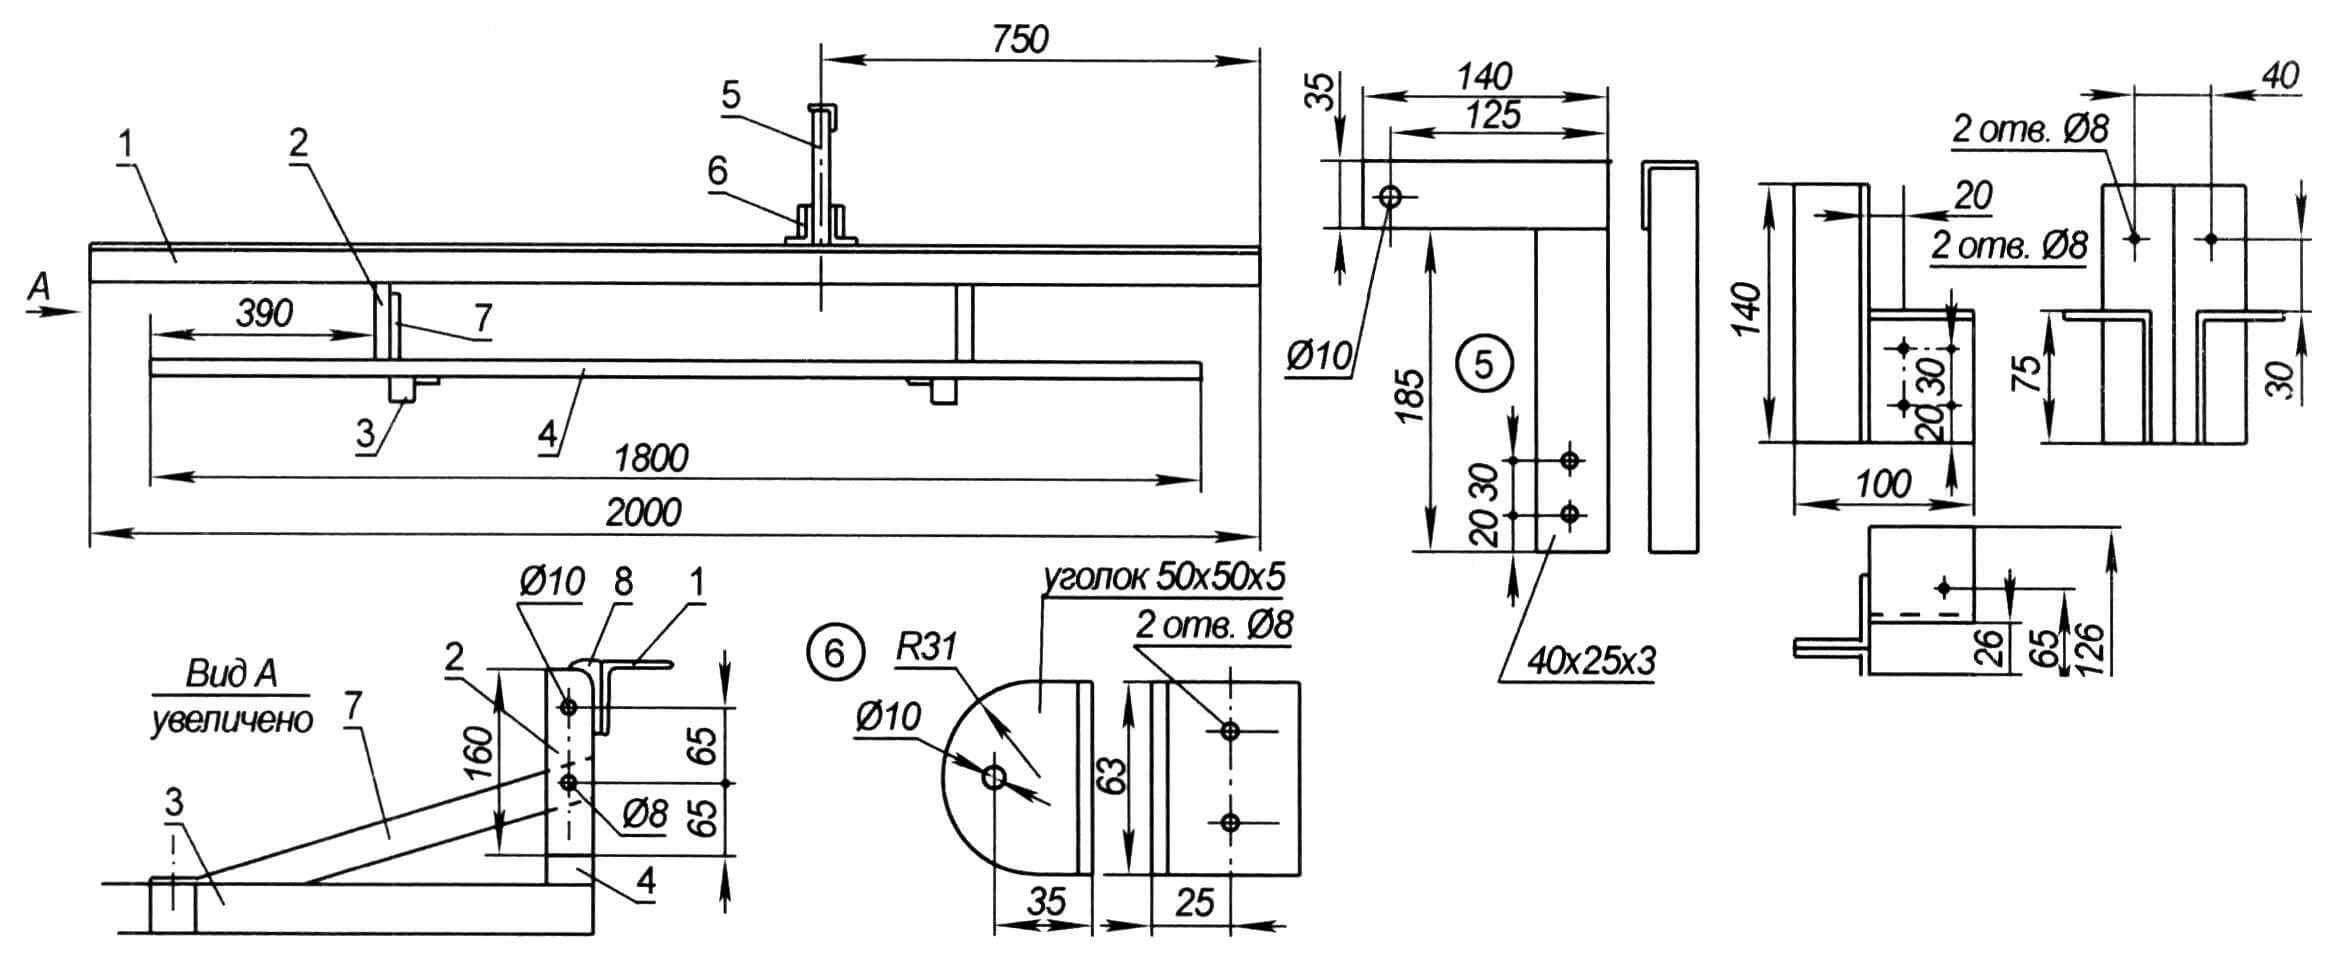 Грабли: 1 - иглодержатель (уголок 63x63x5 мм); 2, 4 - основание (труба 40x25x3 мм); 3 - рама тележки; 5 - рычаг иглодержателя; 6 - кронштейн рычага; 7 - подкос; 8 - кронштейн иглодержателя